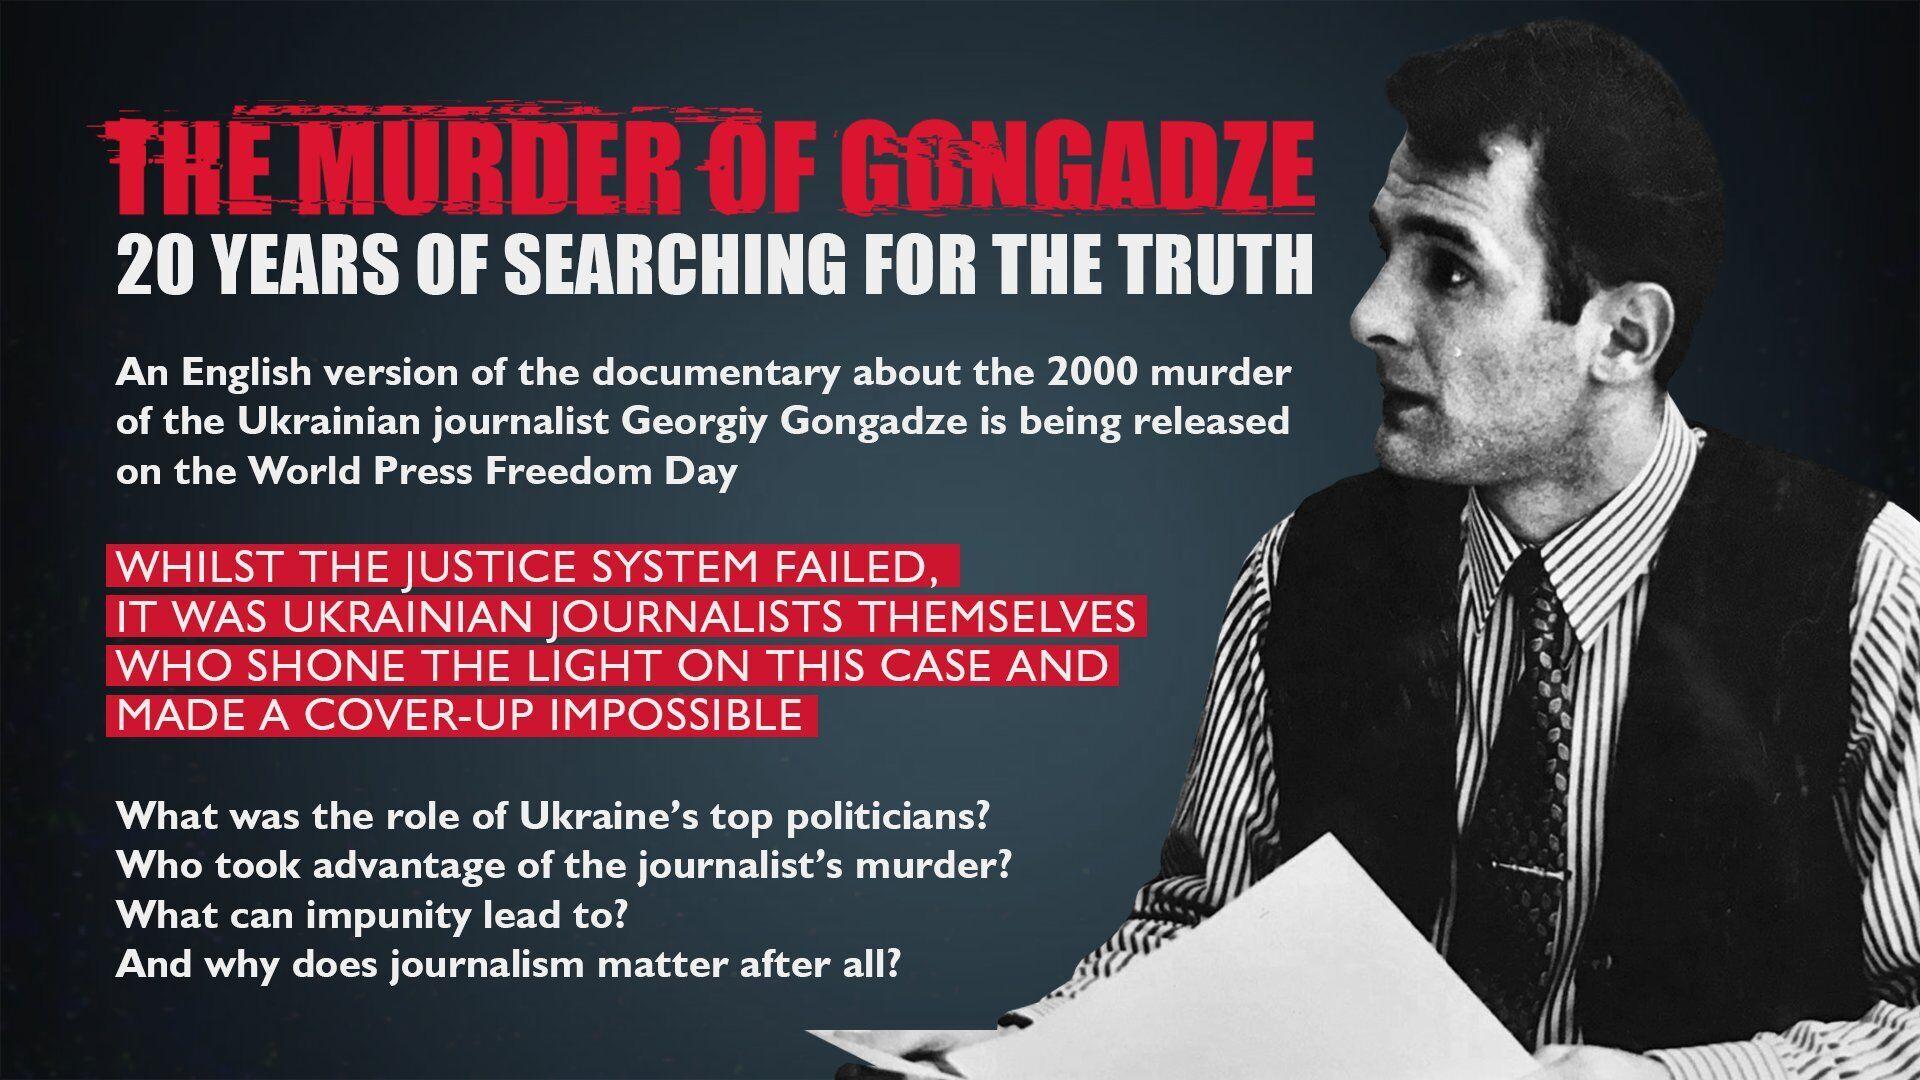 Фильм об убийстве Гонгадзе вышел на английском языке.